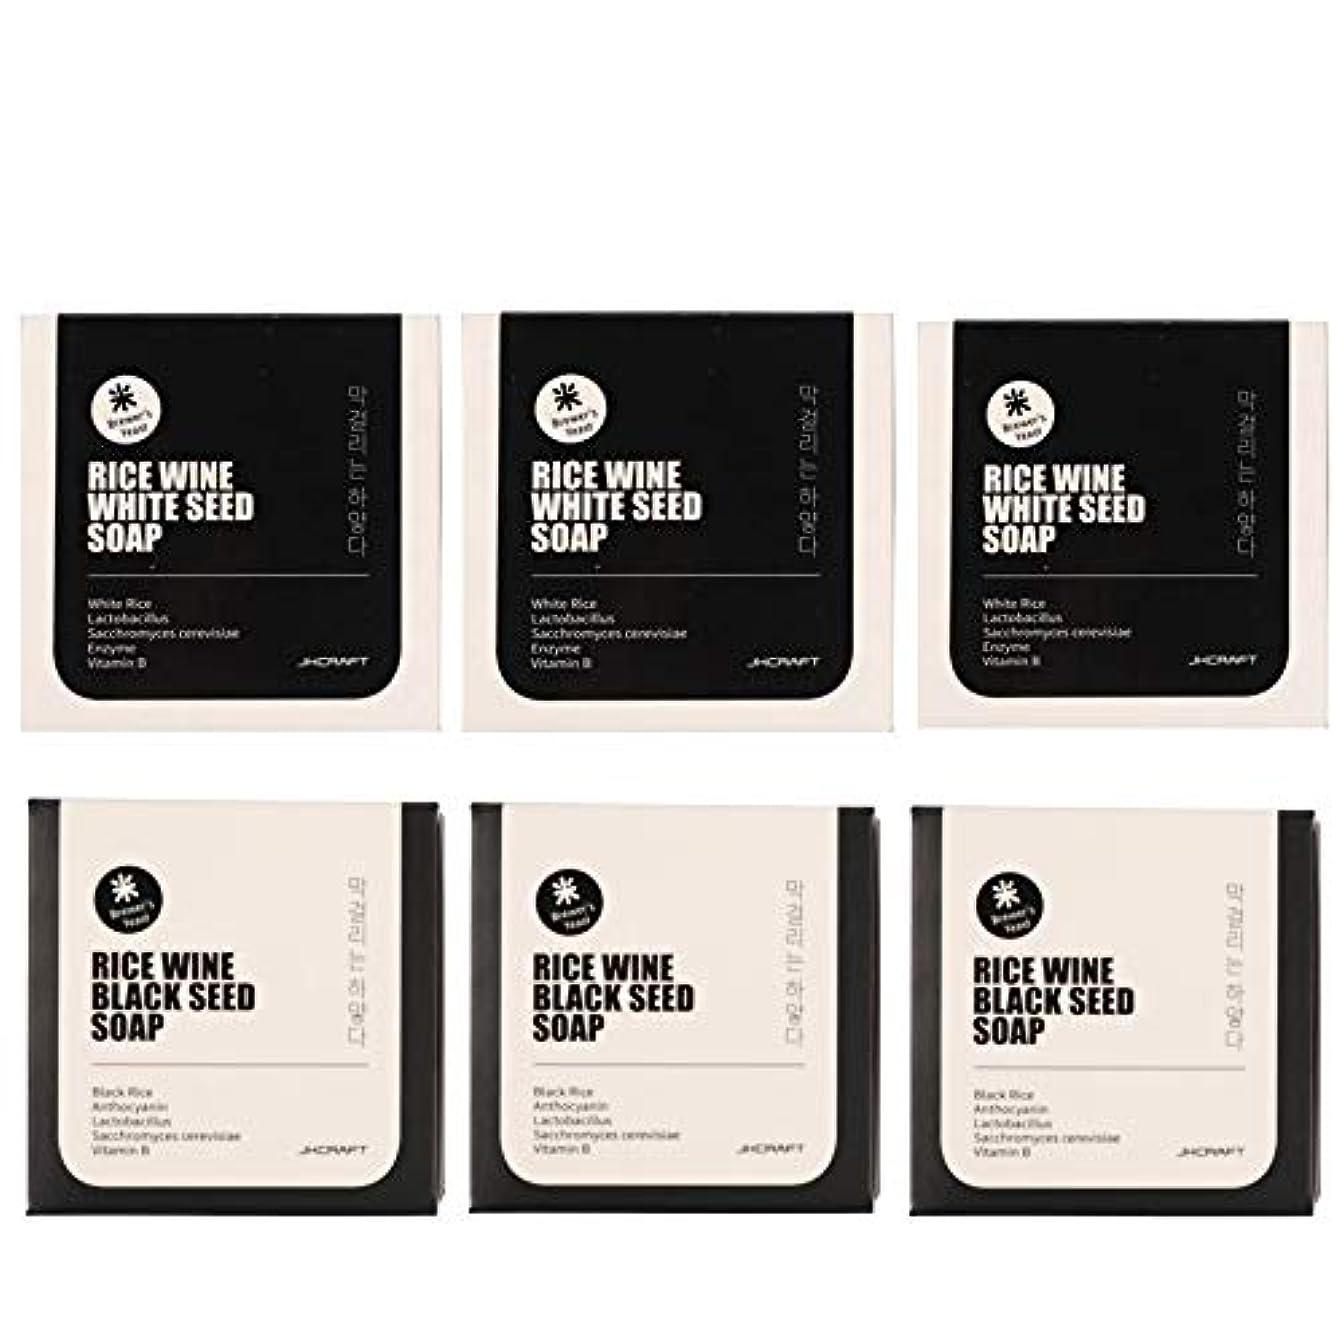 建てるバッグ港JKCRAFT RICEWINE WHITE&BLACK SEED SOAP マッコリ酵母石鹸 & 黒米マッコリ酵母石鹸無添加,無刺激,天然洗顔石鹸 6pcs [並行輸入品]